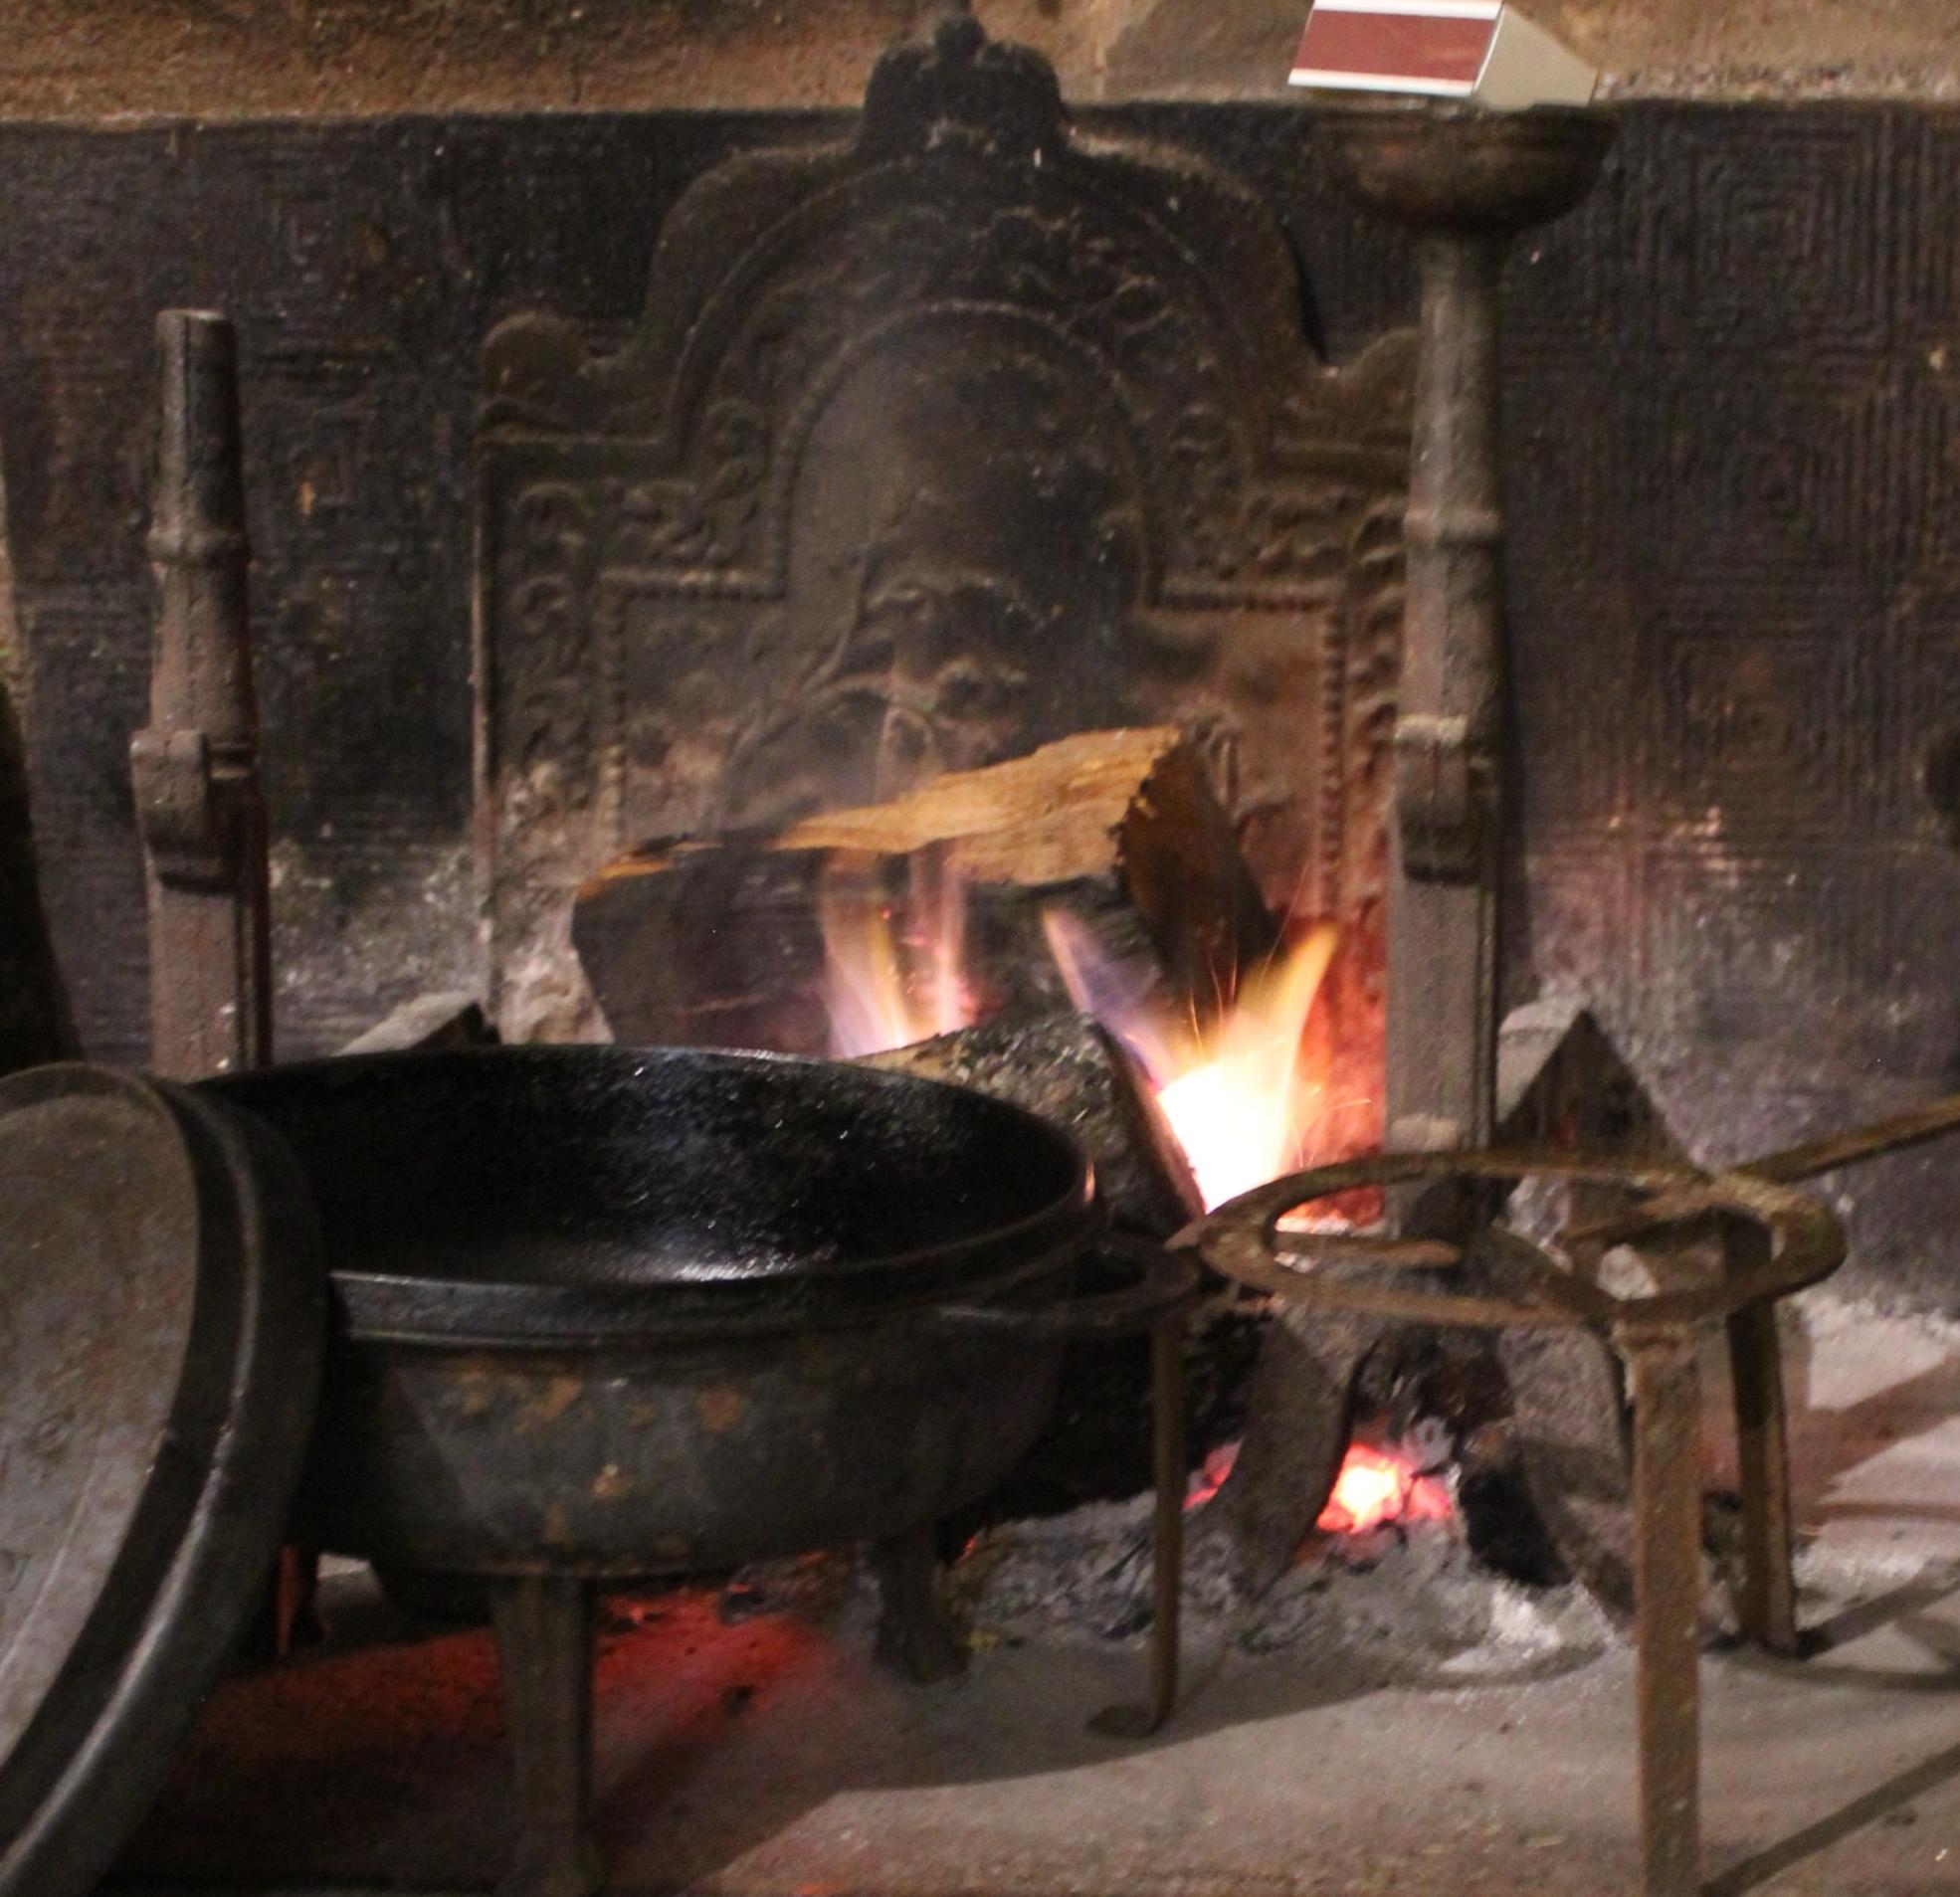 Cuisiner au bois dans la cheminée ça vous dit ???